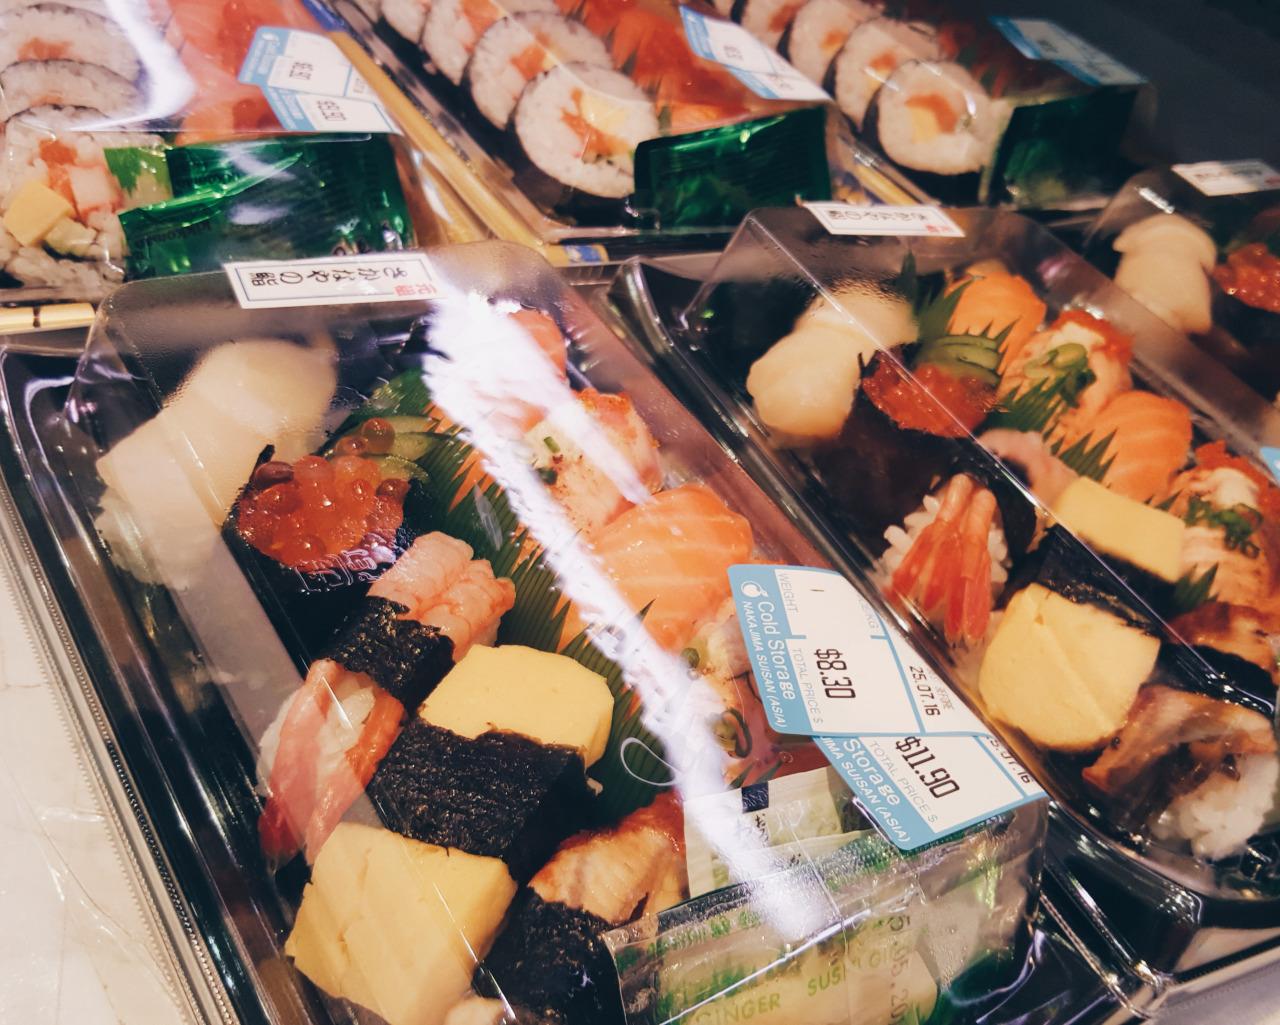 シンガポール中島水産  お寿司が安くてイケるかも疑惑。